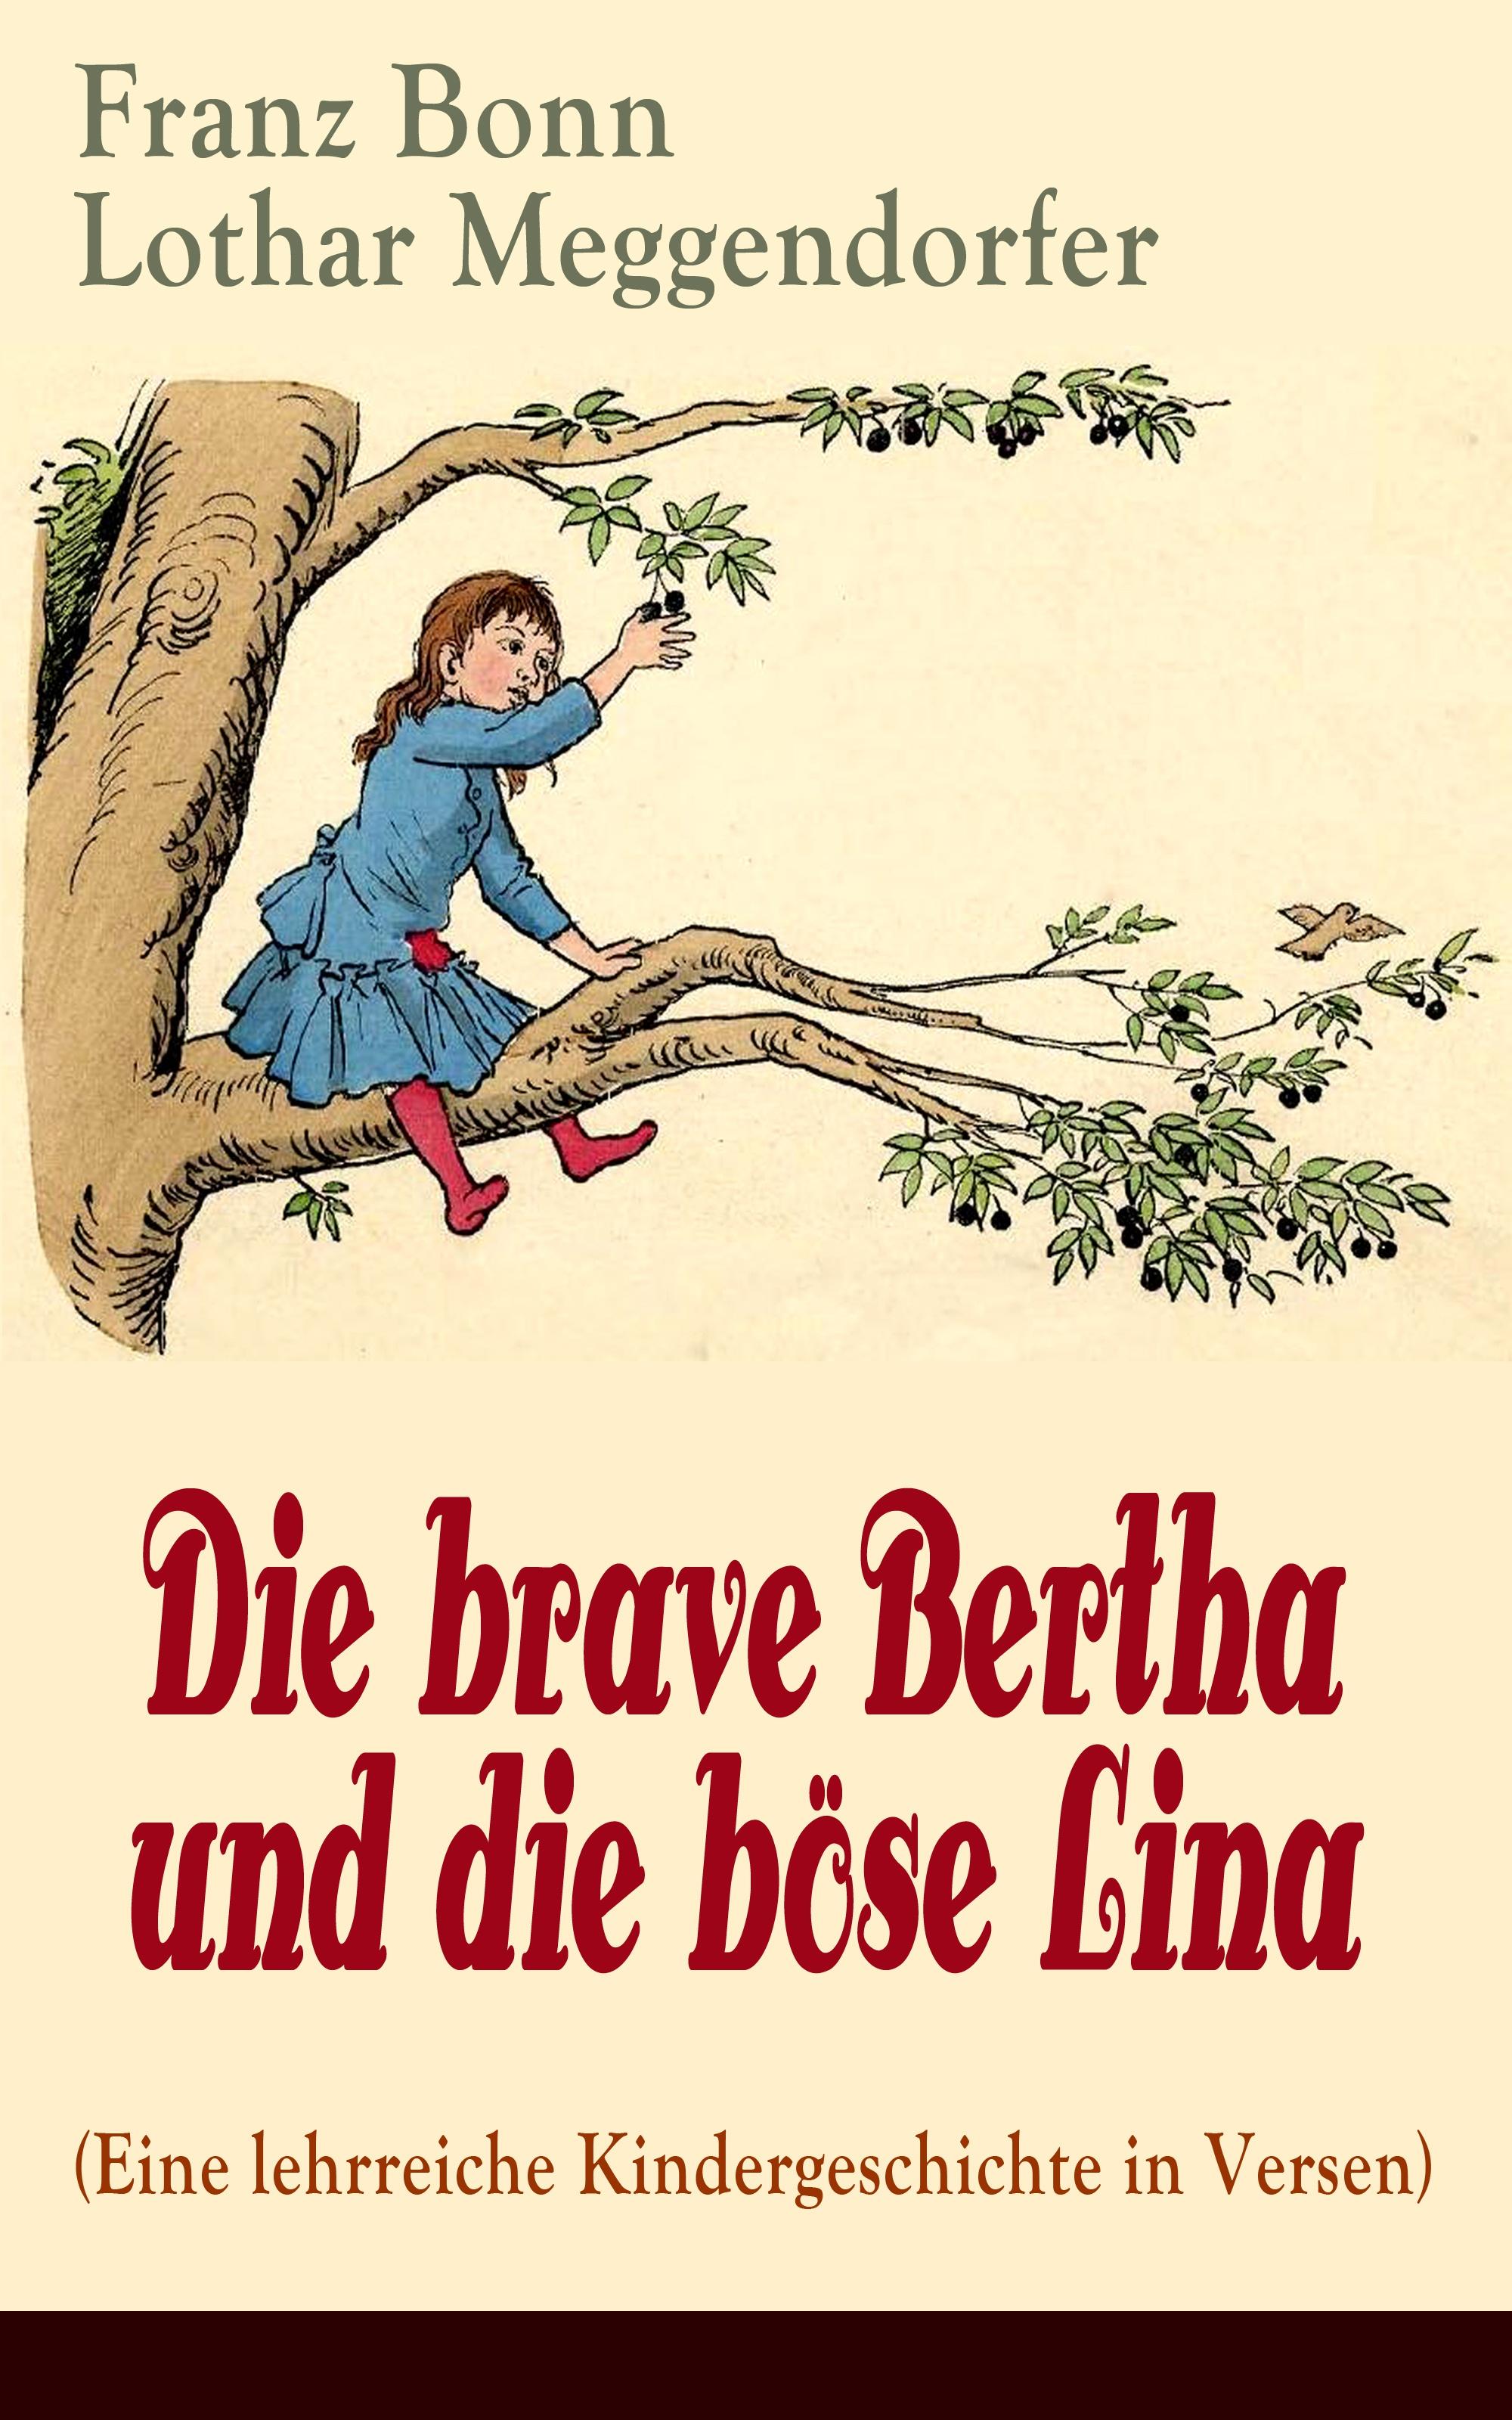 Franz Bonn Die brave Bertha und die böse Lina (Eine lehrreiche Kindergeschichte in Versen) - mit Originalillustrationen h averbeck die addison sche krankheit eine monographie